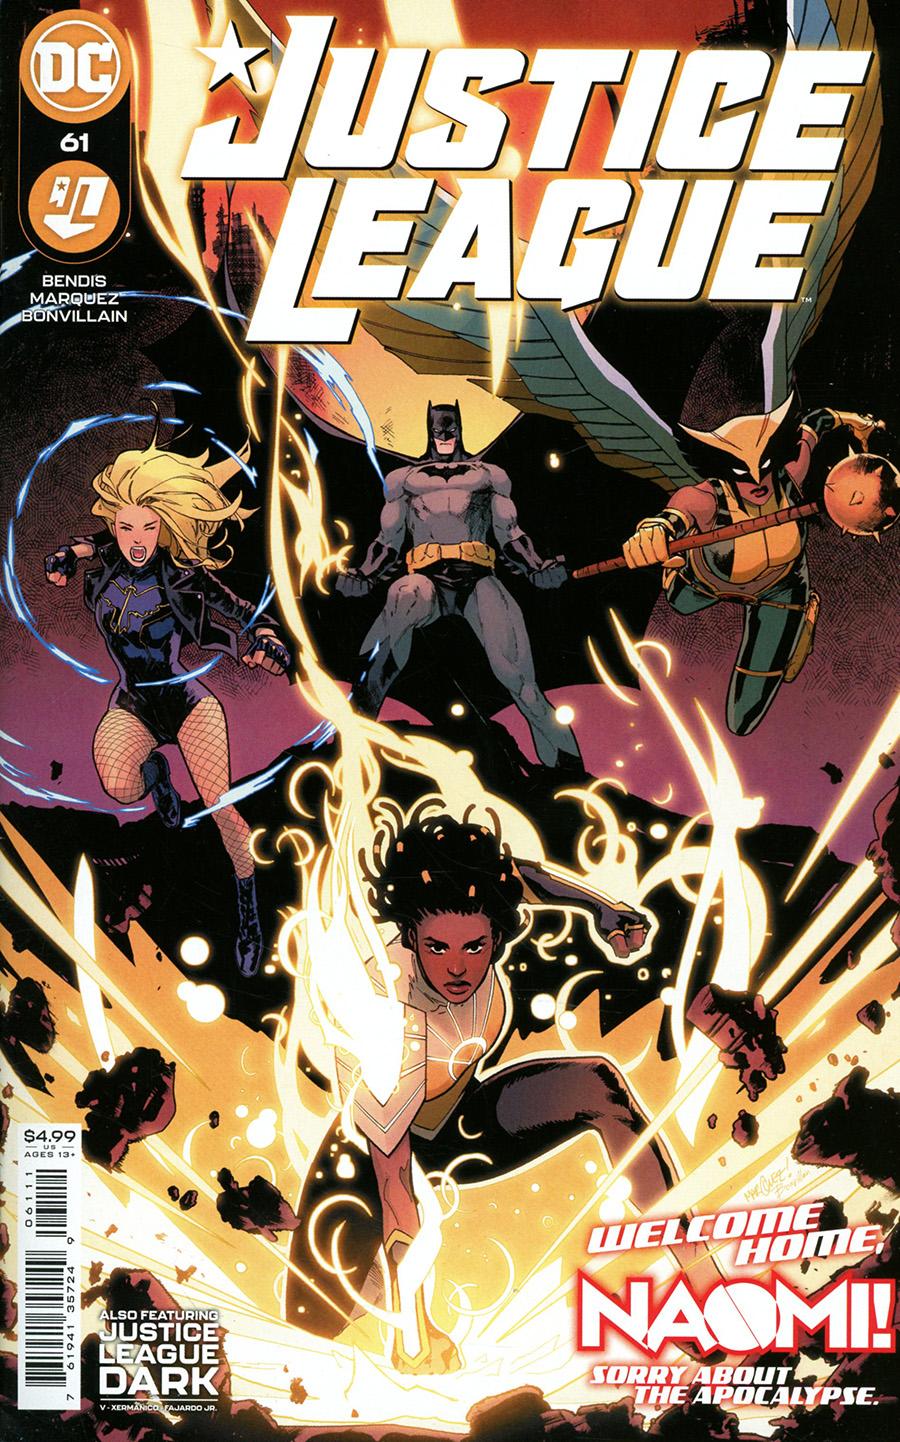 Justice League Vol 4 #61 Cover A Regular David Marquez Cover